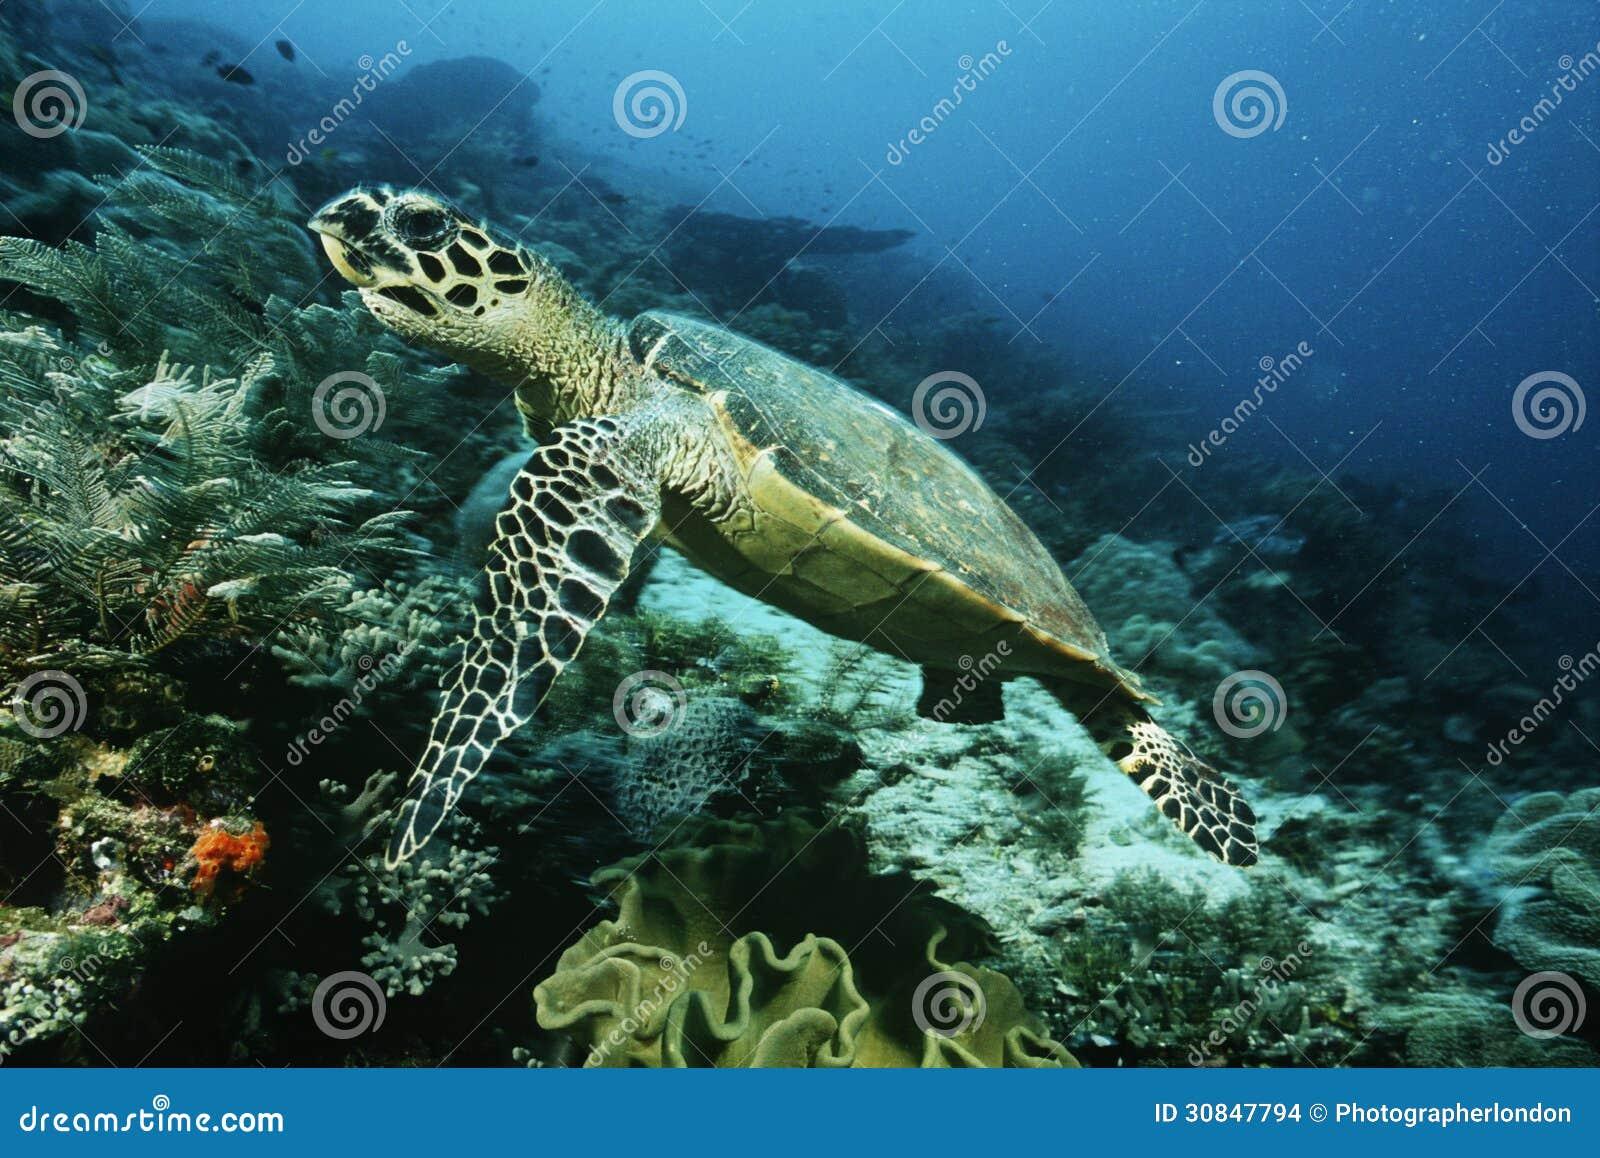 Tortue de hawksbill de Raja Ampat Indonesia Pacific Ocean (imbricata d eretmochelys) croisant au-dessus du récif coralien